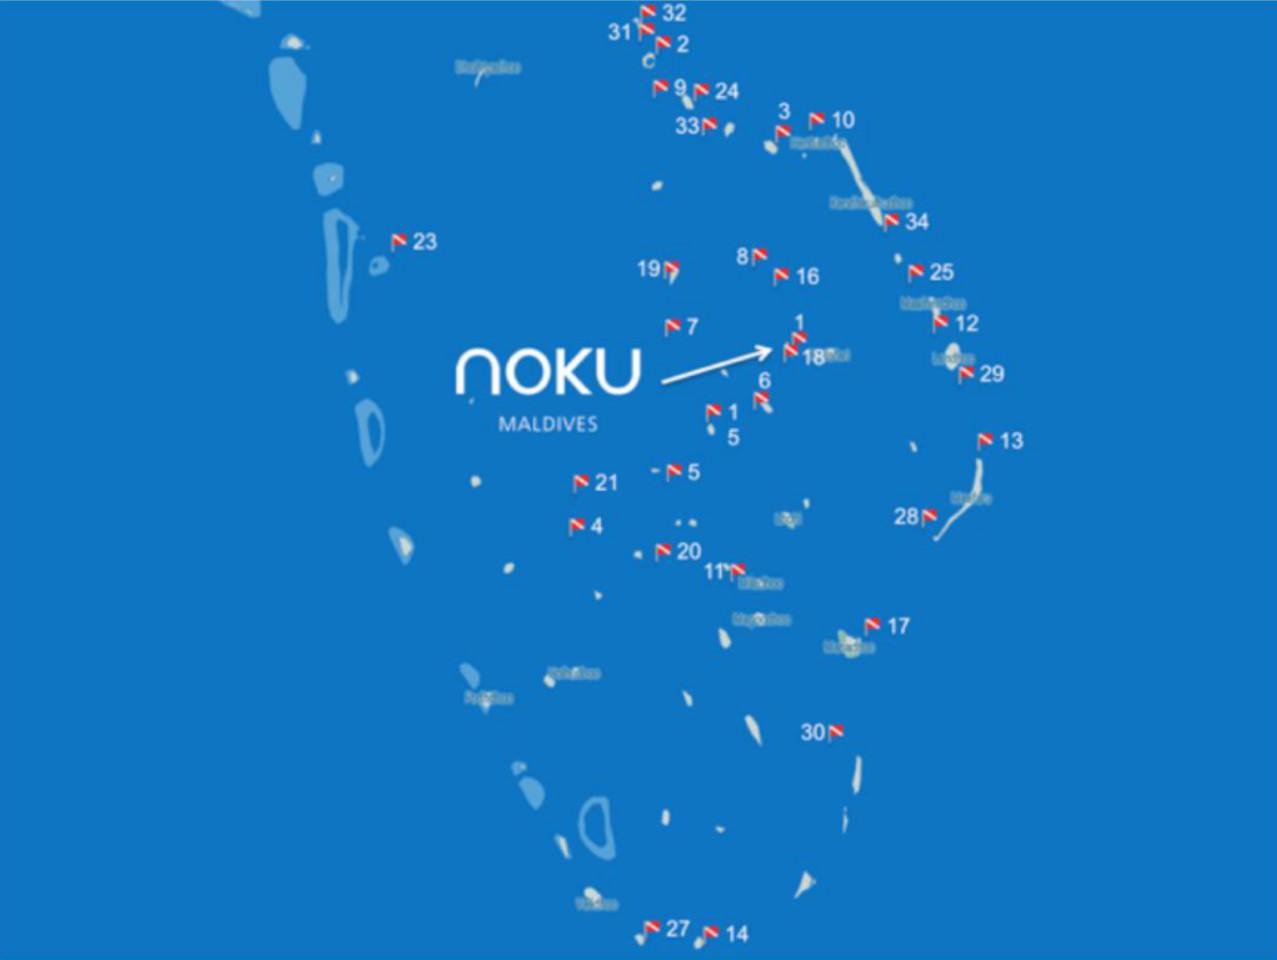 Noku Maldive Diving Sites